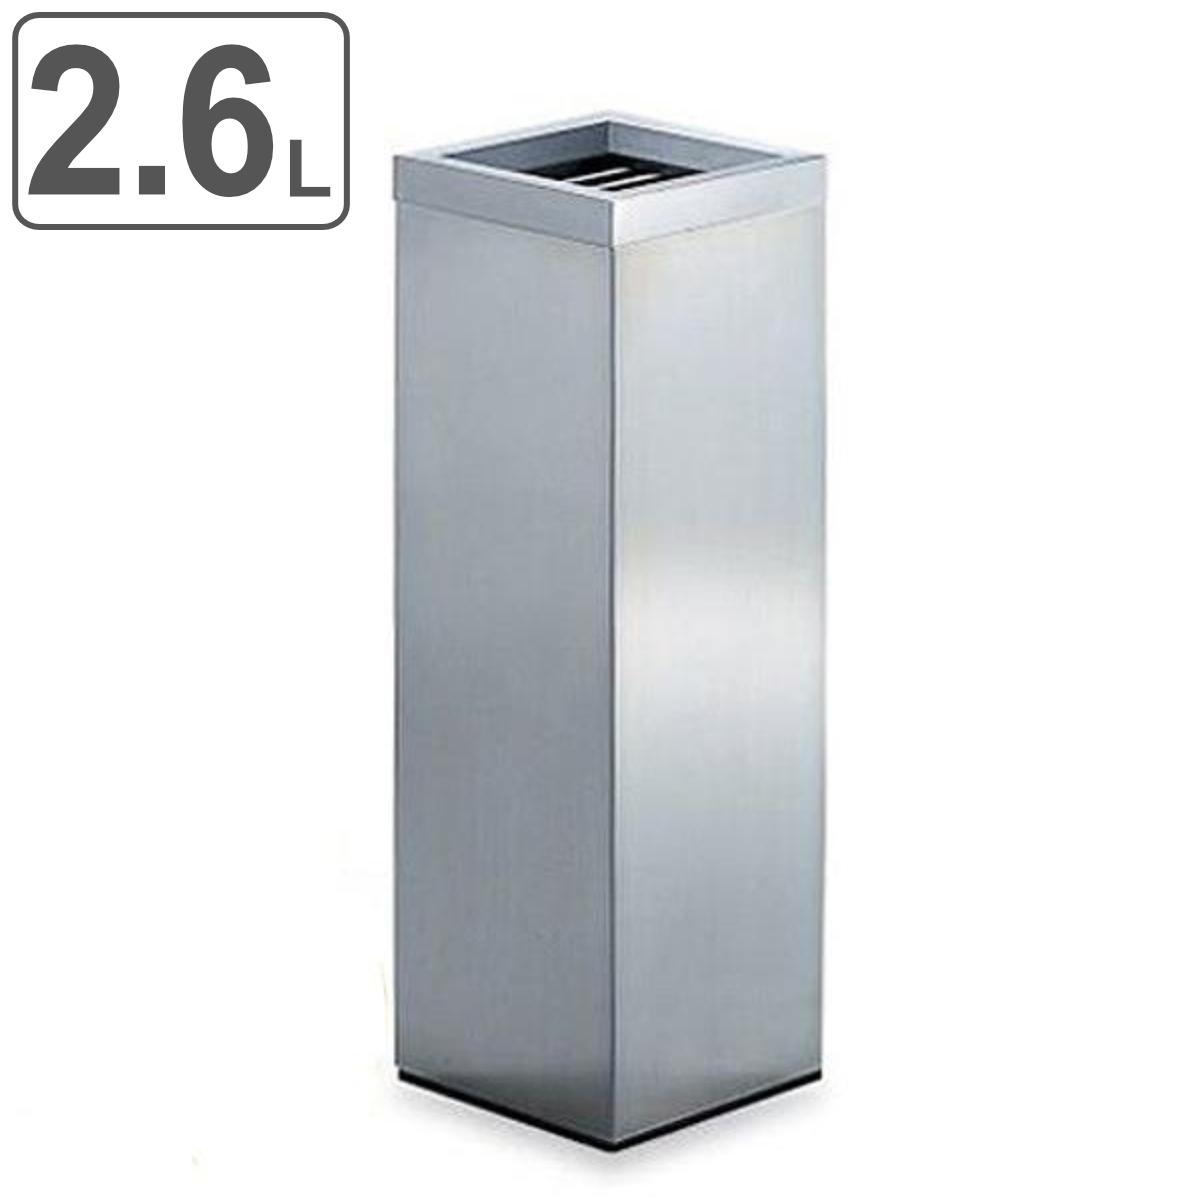 灰皿 スタンド角型 ステンレス製 送料無料 2.6L SK-020 ( 送料無料 スタンド角型 スモーキングスタンド ステンレス製 吸いがら入れ ), オートパーツKSY:fe330e0c --- officewill.xsrv.jp